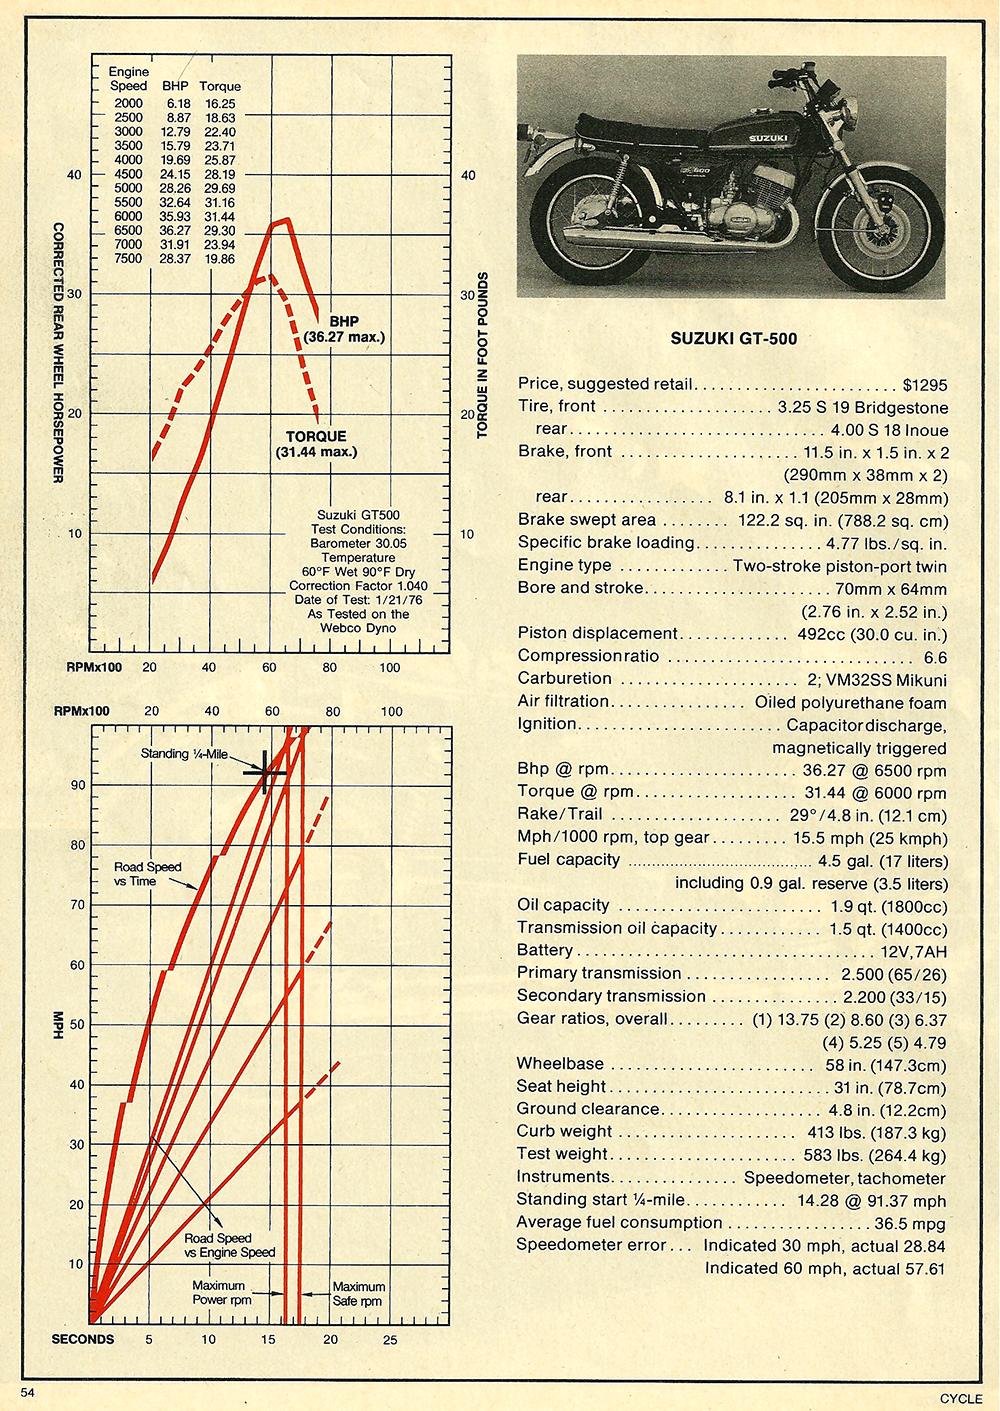 1976 Suzuki GT500 road test 3..jpg